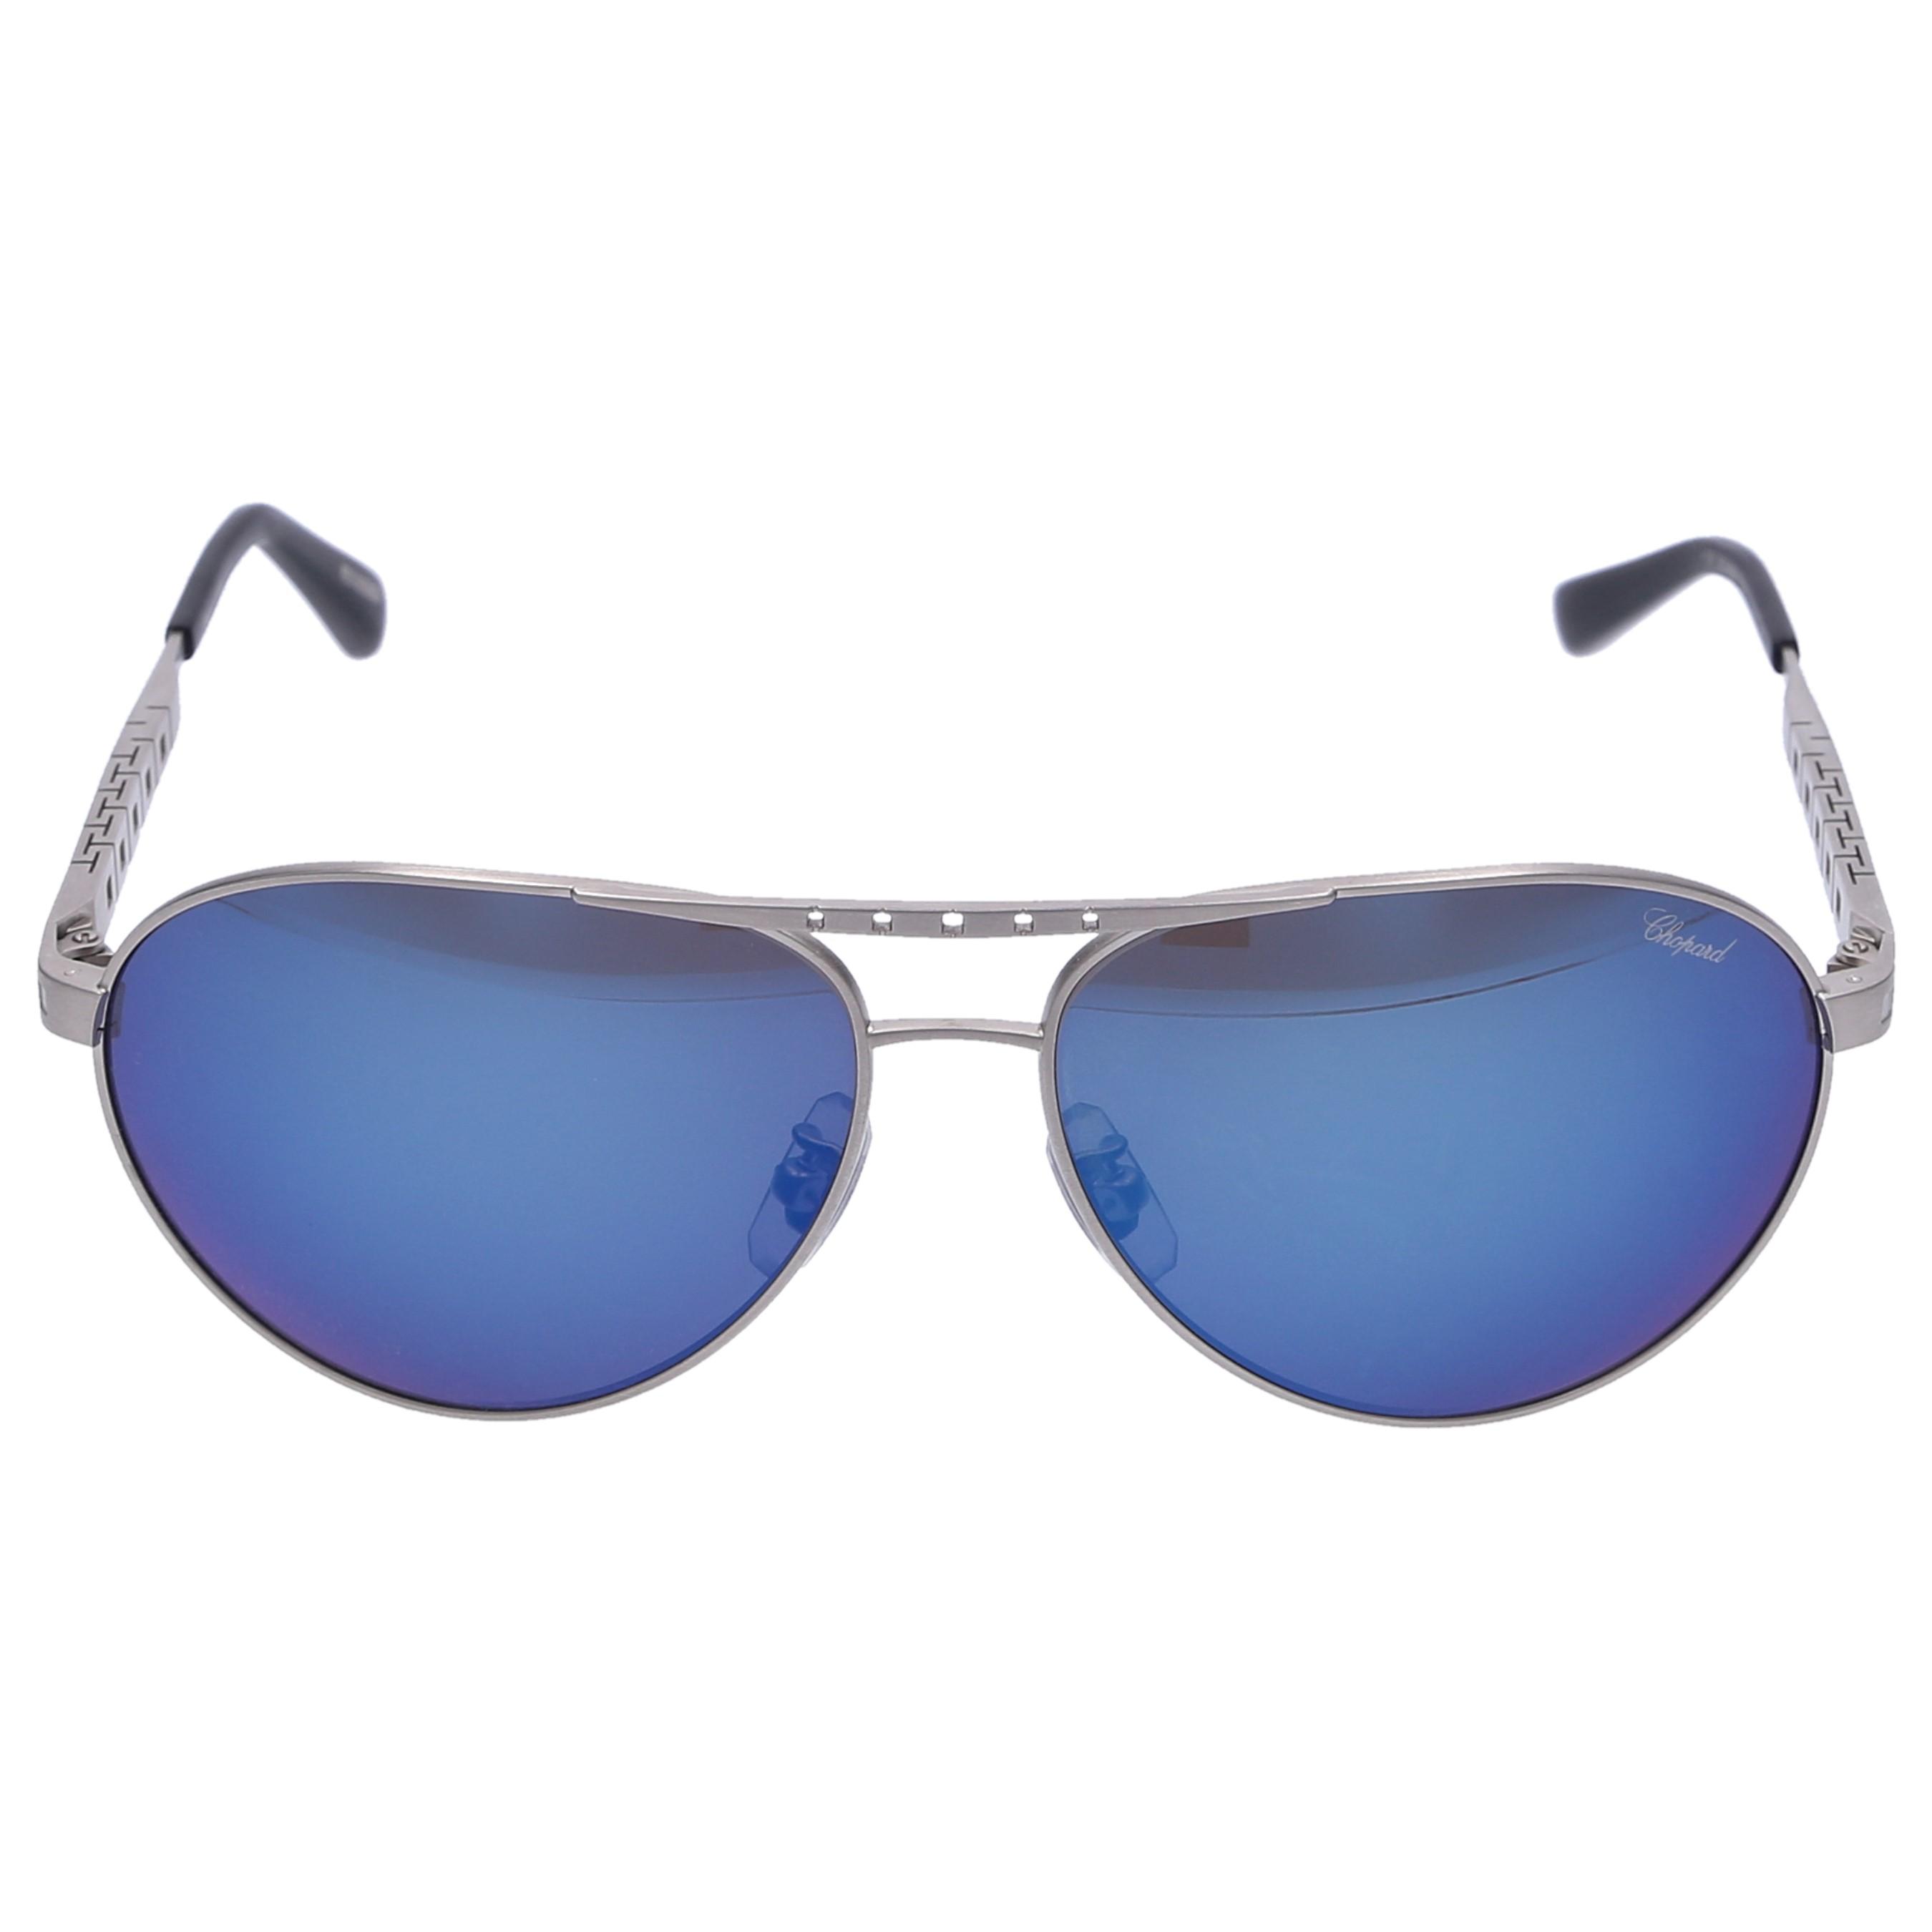 Chopard Sonnenbrille Aviator B01 S80P Titan silber